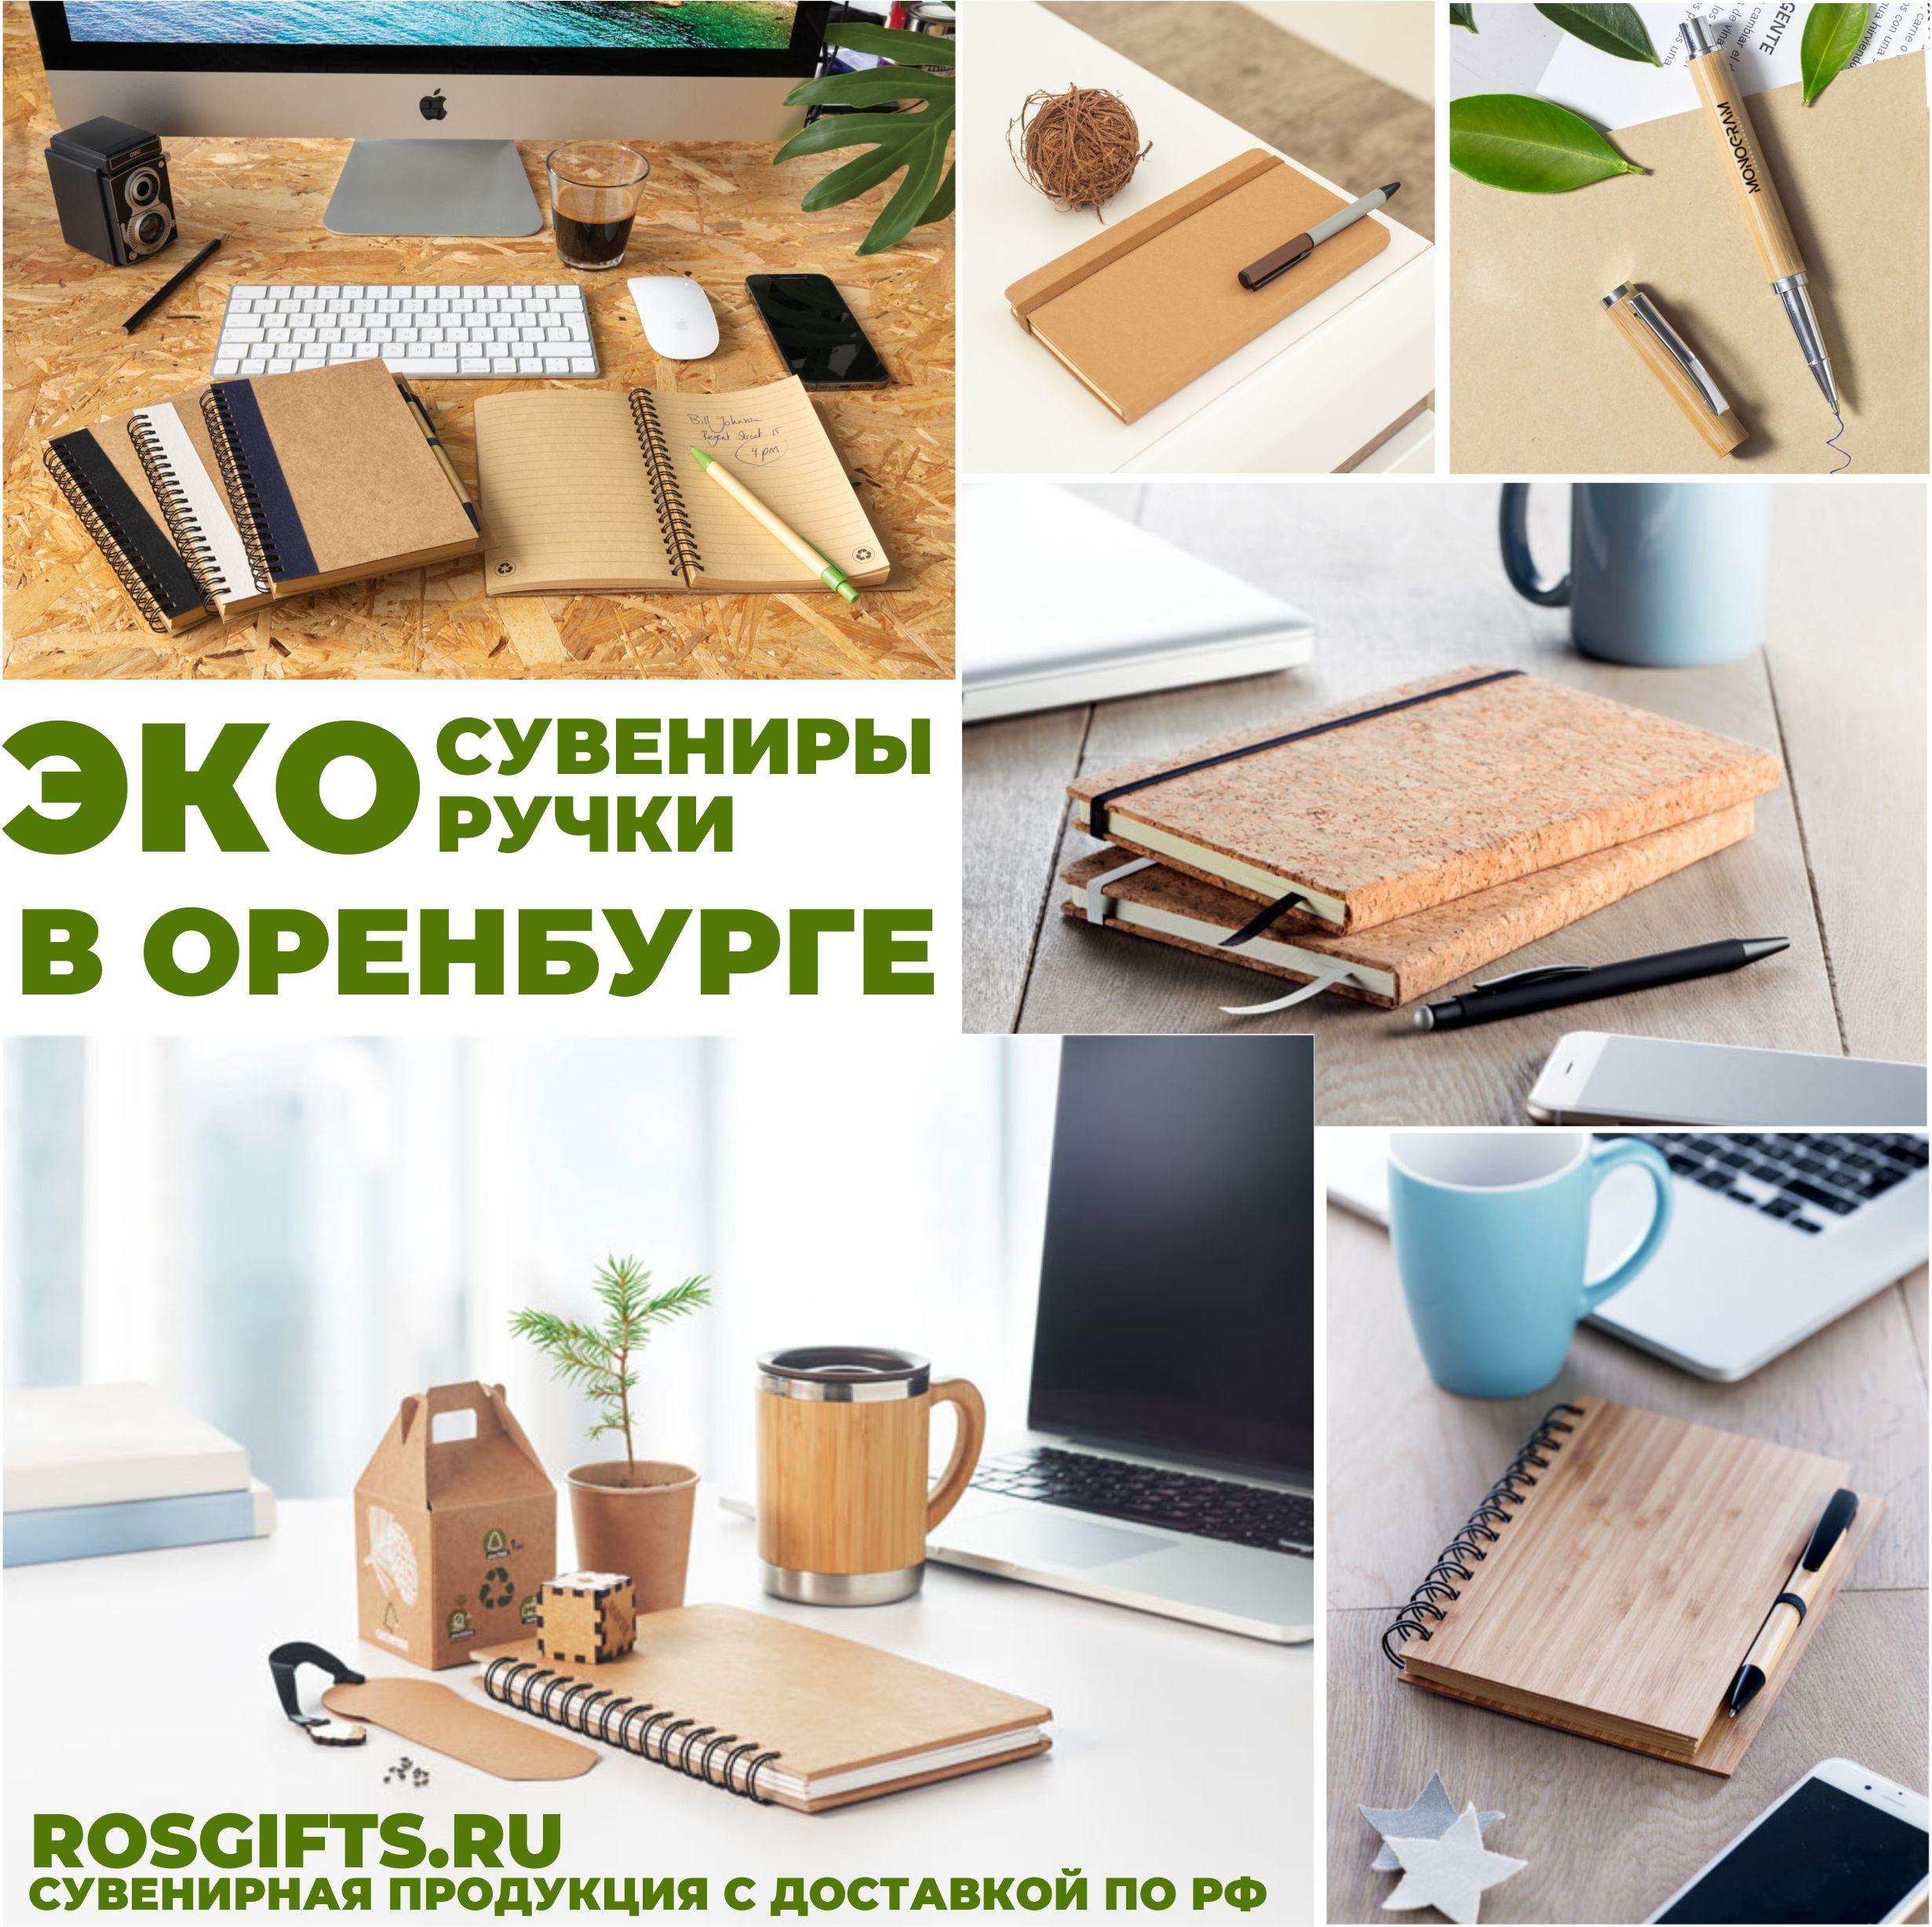 эко ручки в Оренбурге